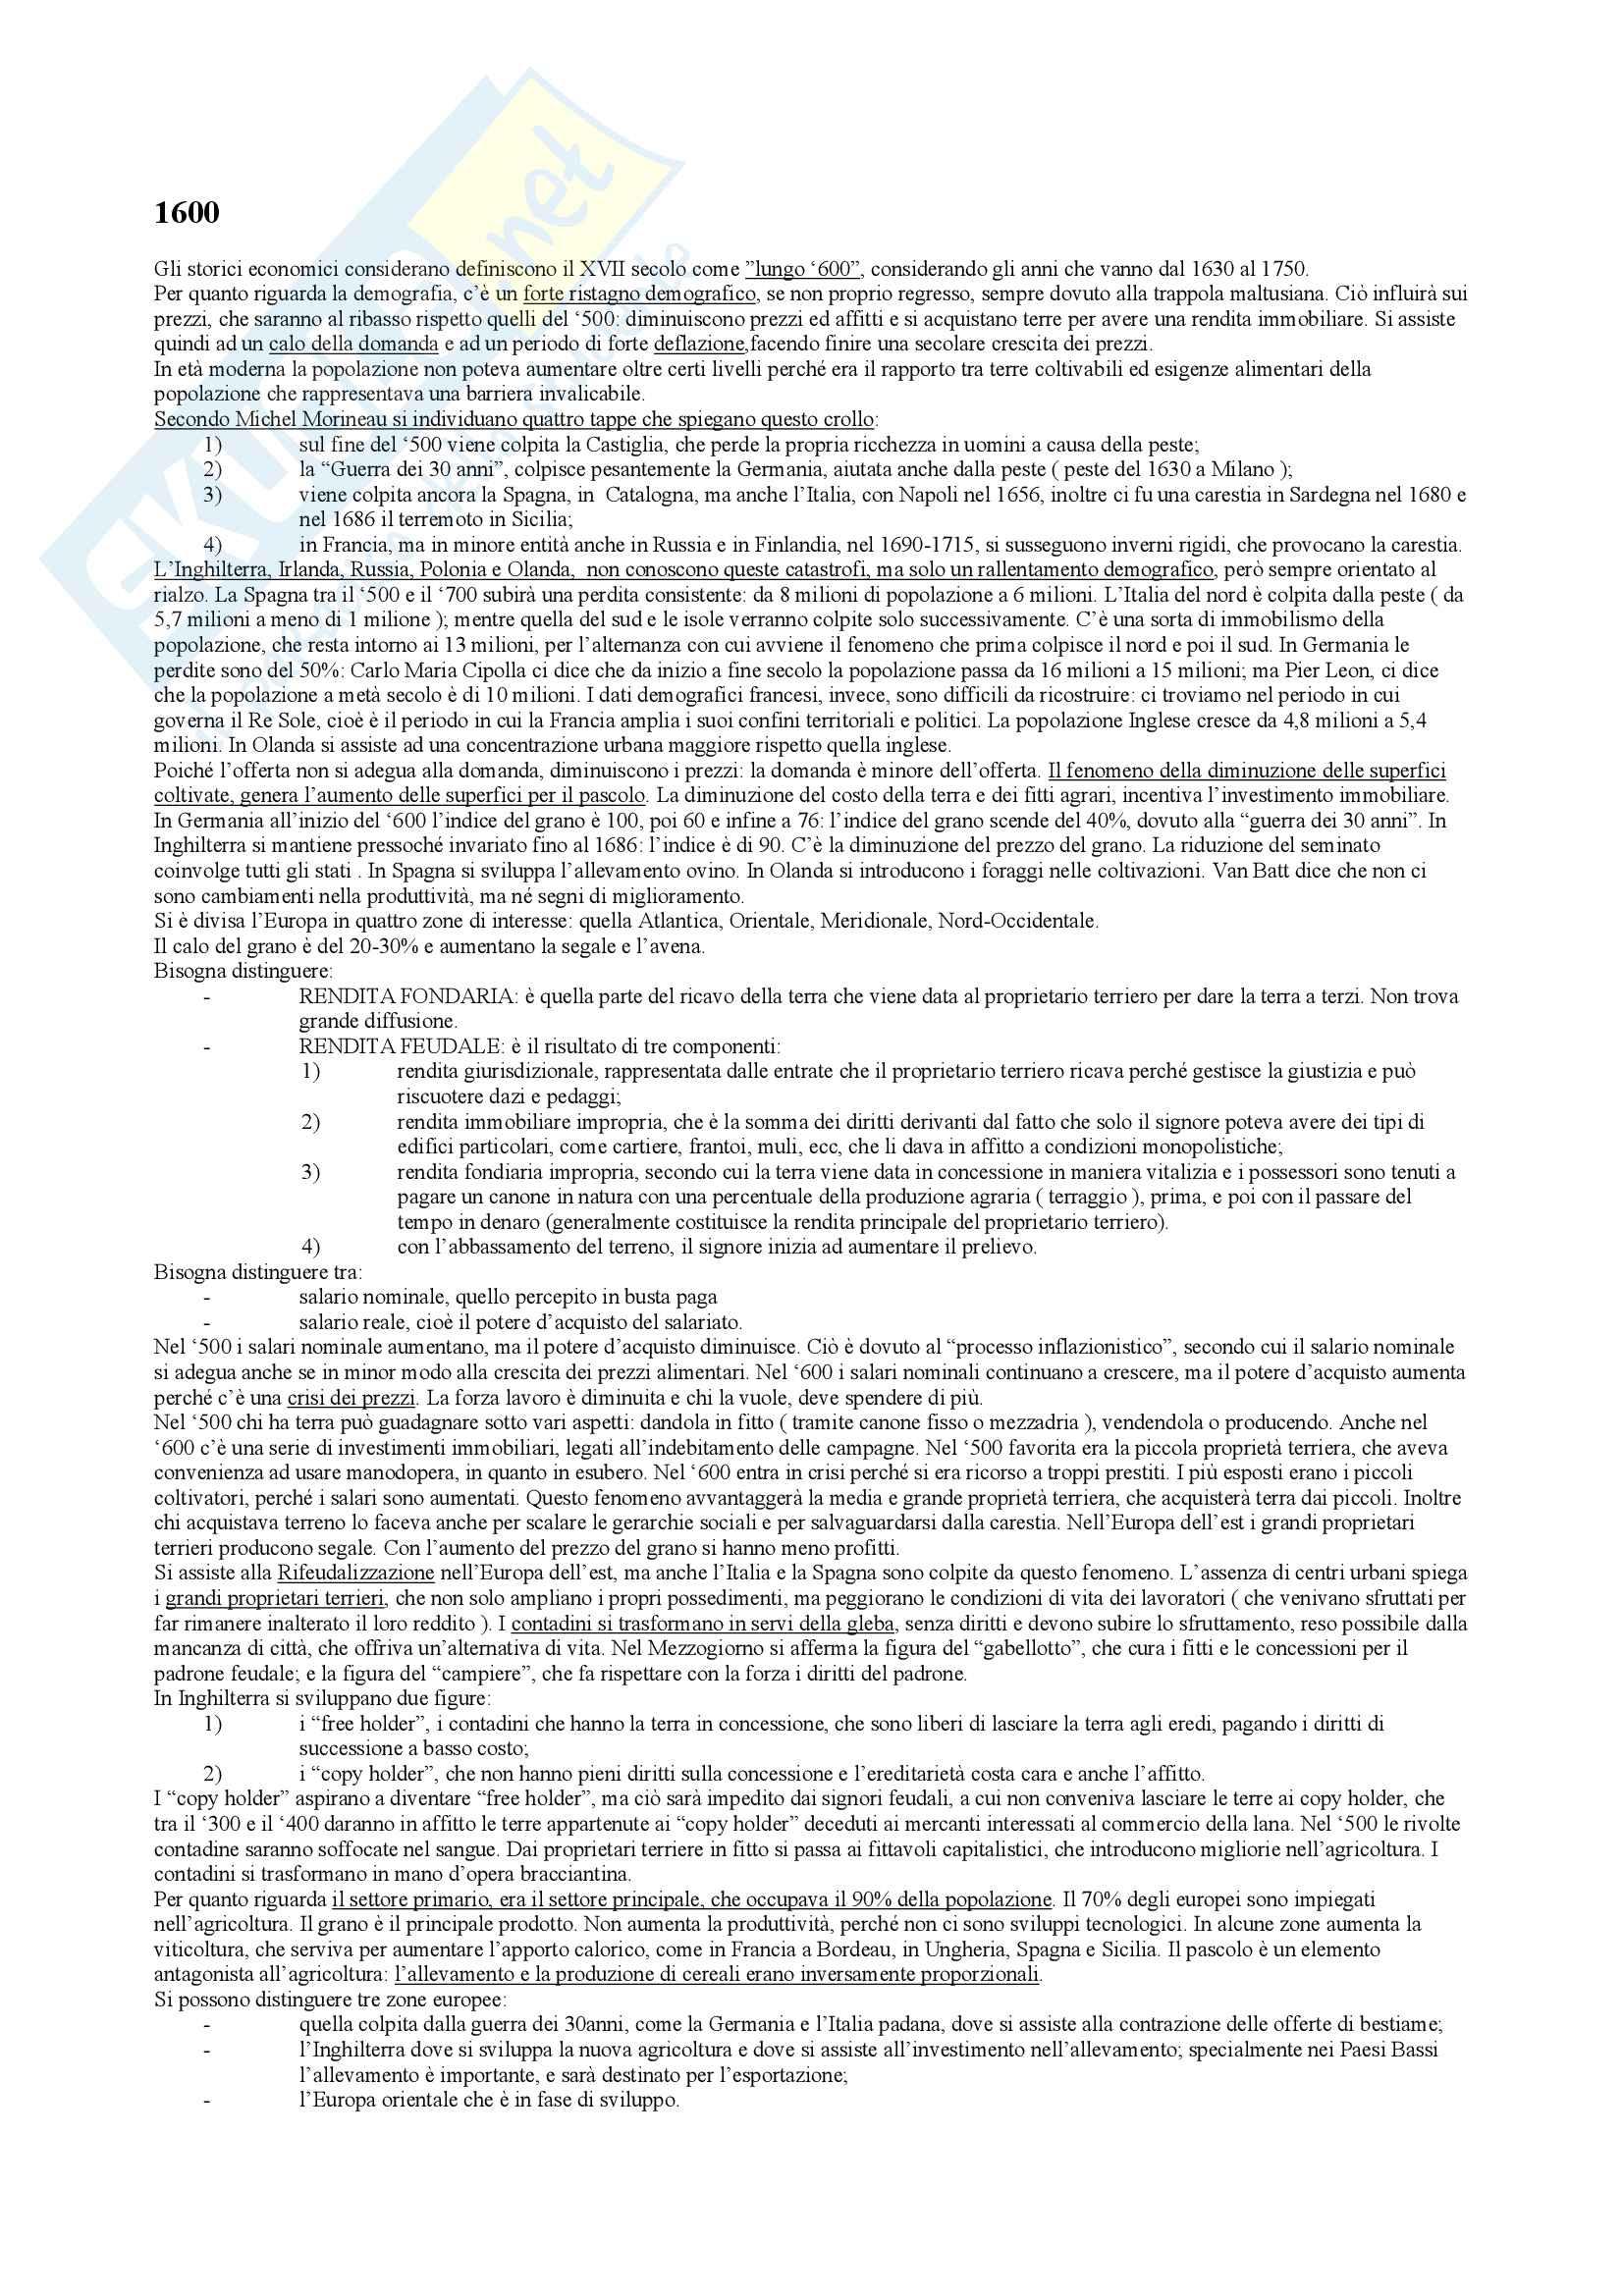 Riassunto esame Storia economica, docente Montaudo-Di Salvia, libro consigliato Dall'espansione allo sviluppo, A.A. V.V Pag. 6